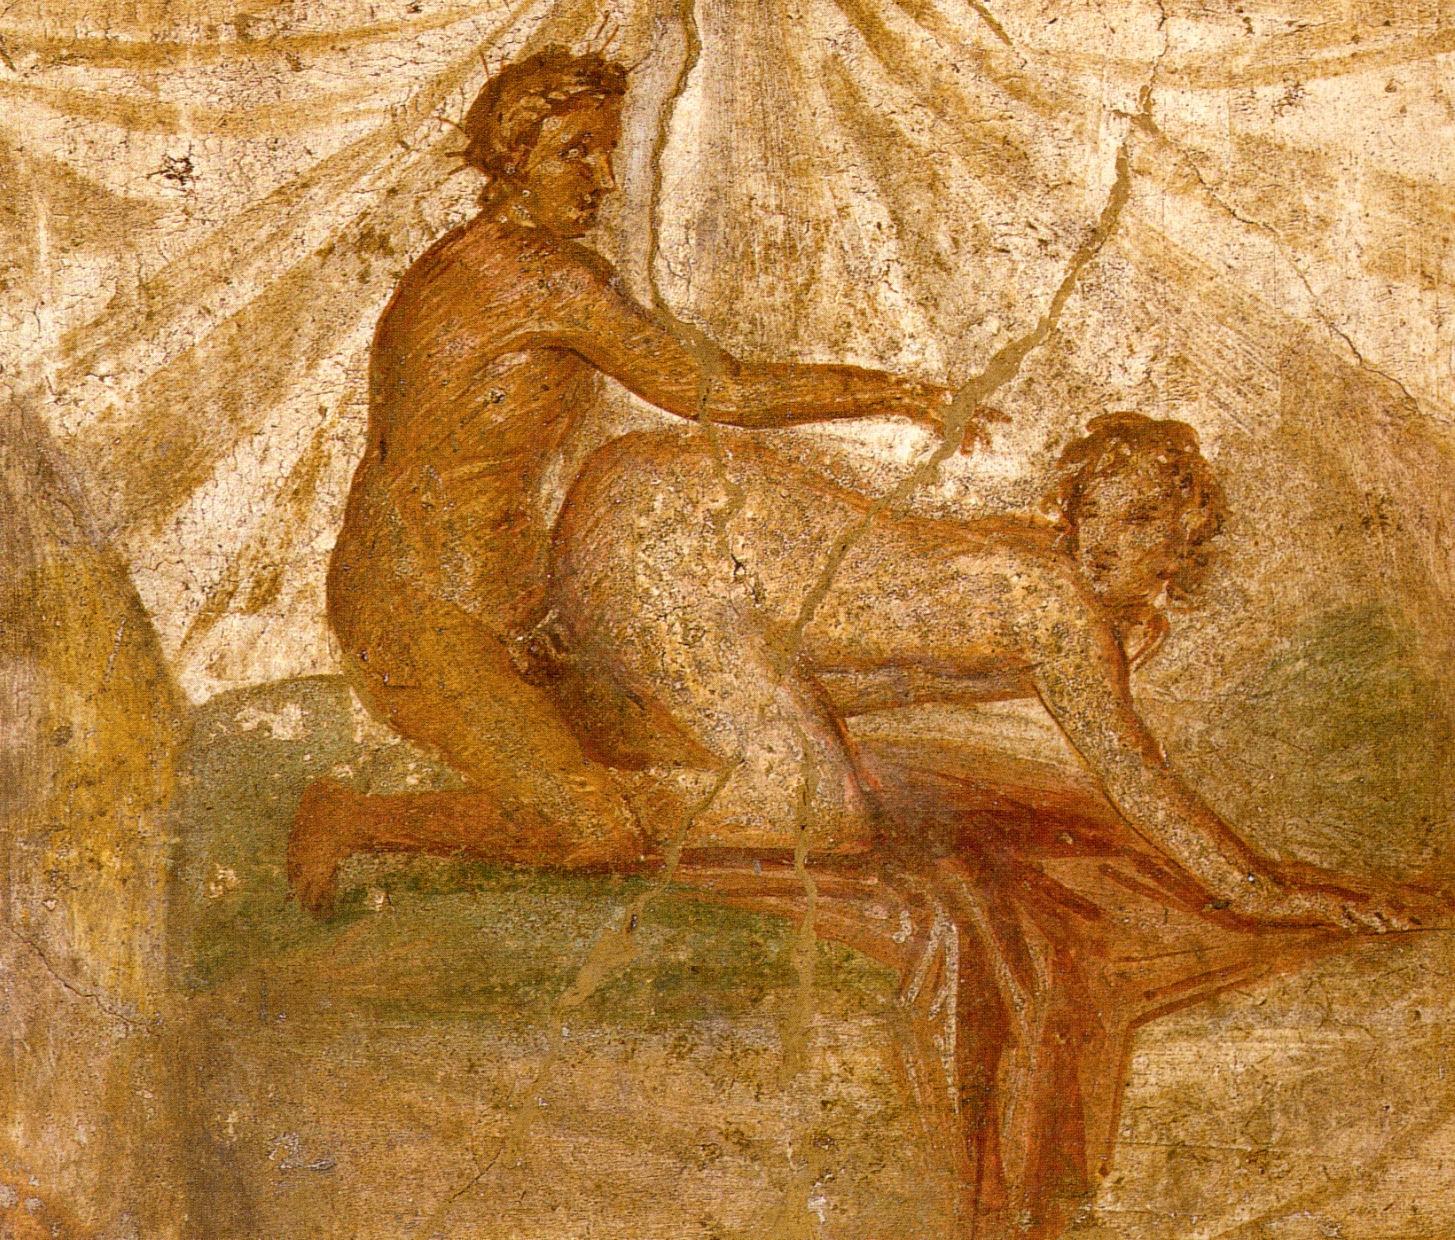 Секс оргии в древнем мире 19 фотография